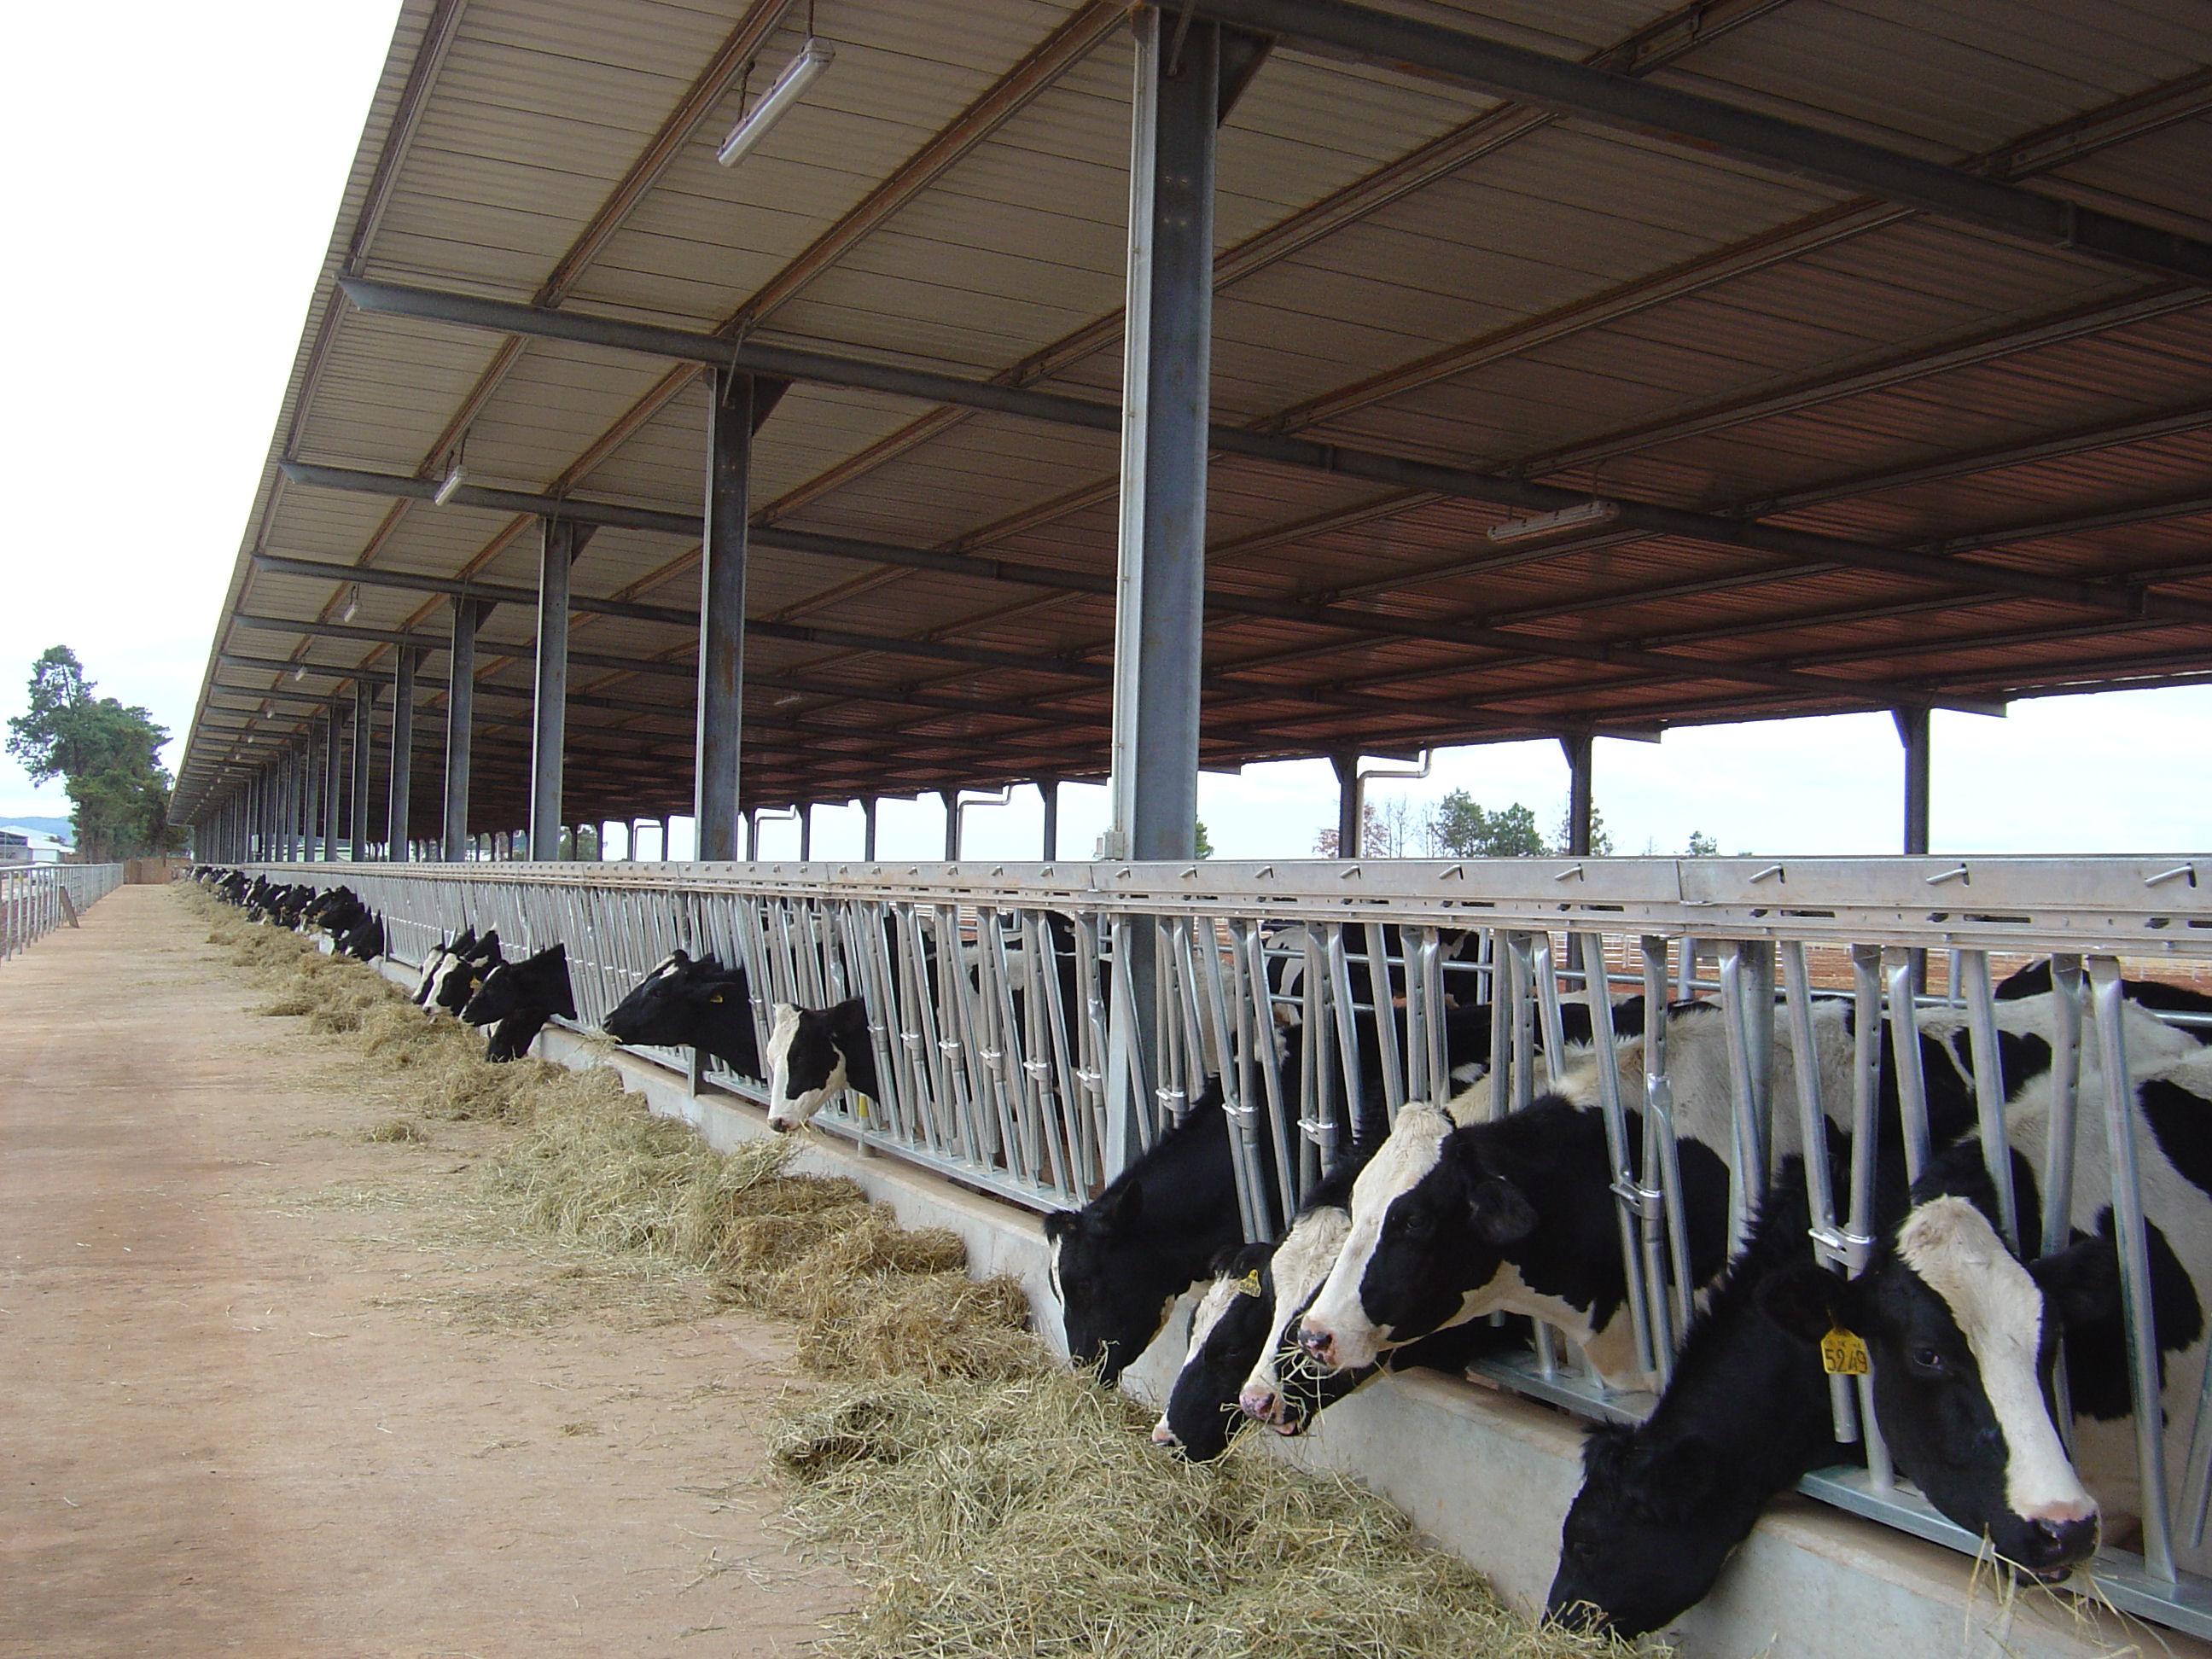 Animal sheds